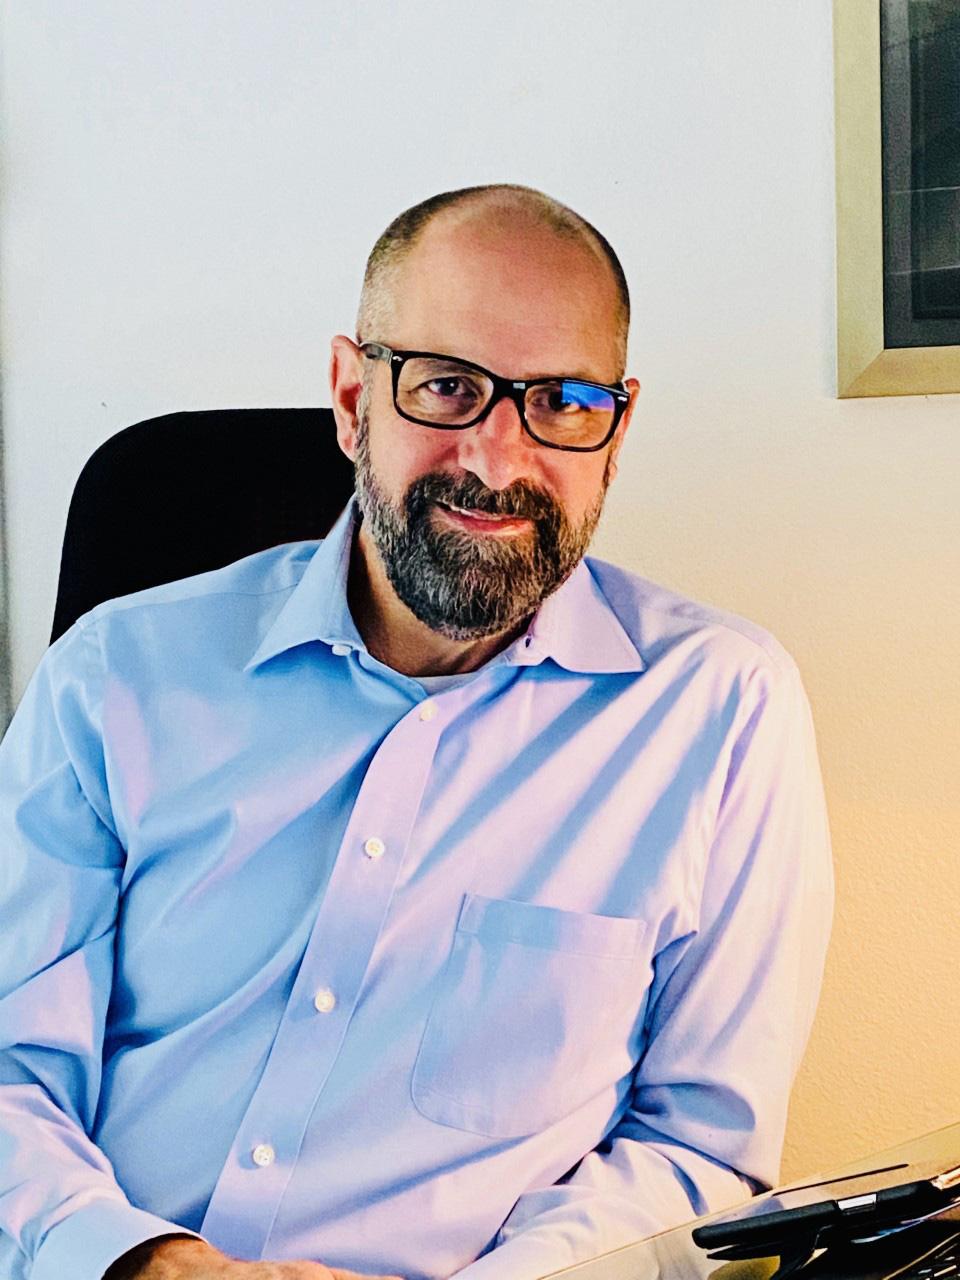 Mike Virnig, vice president of sales.